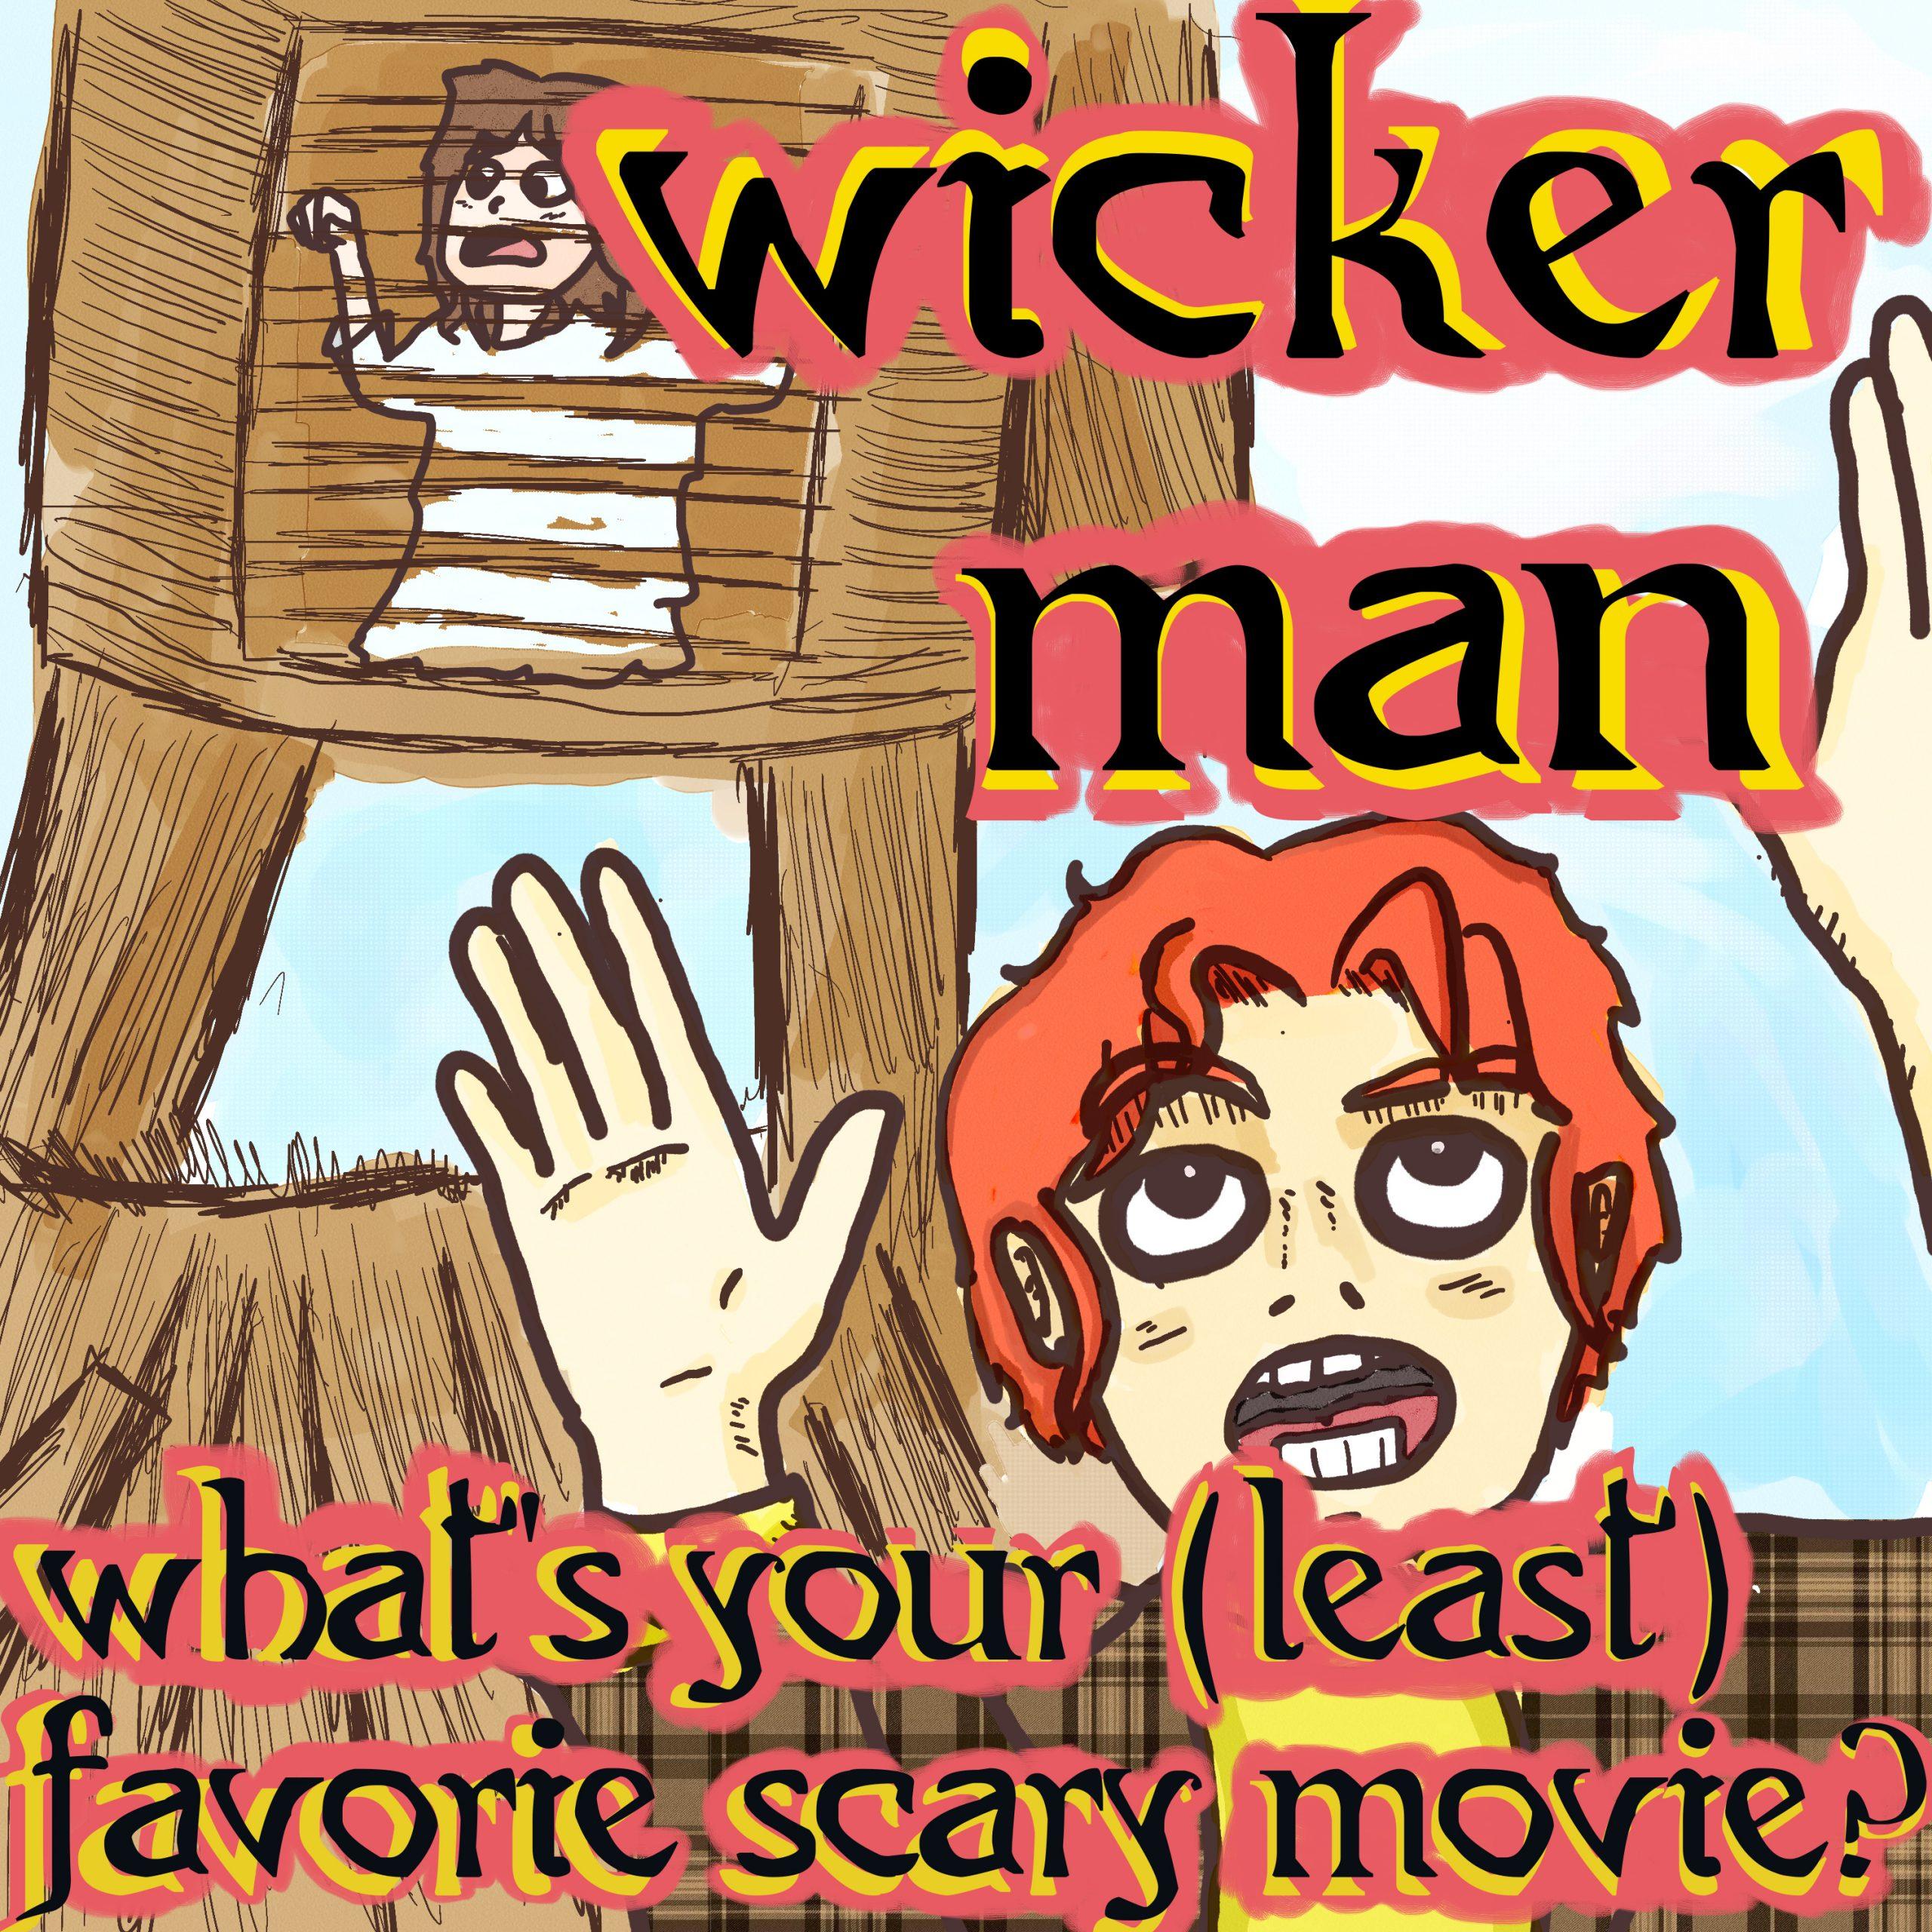 #31: The Wicker Man (1973)